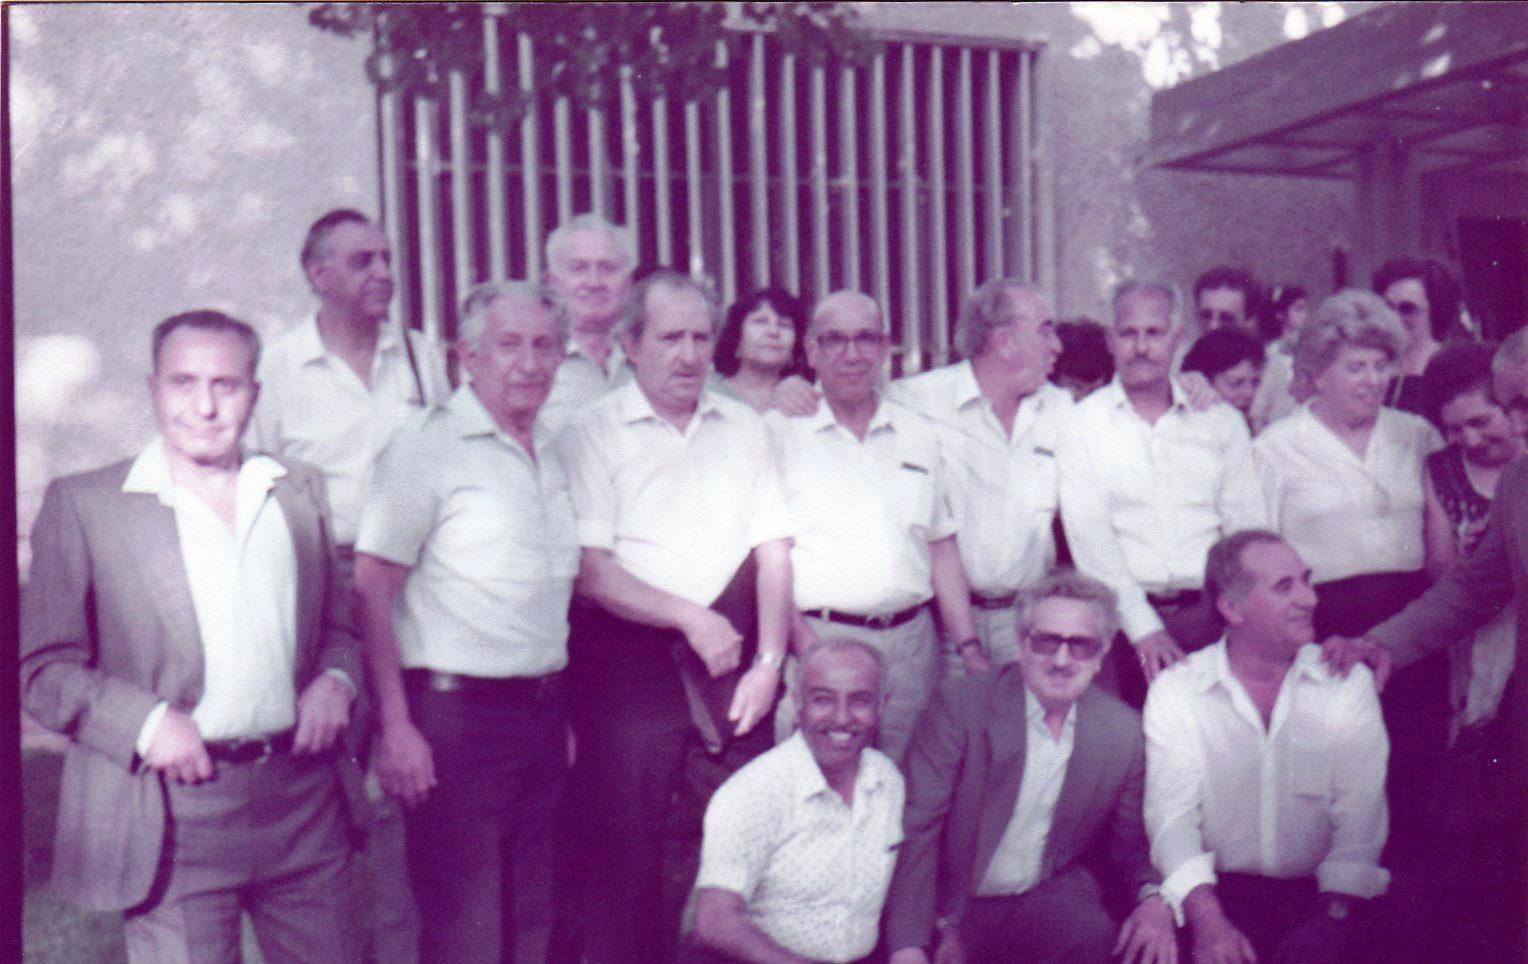 טקס חלוקת אות אסורי המנדט 20.05.1984 - סלבטור גרשון עומד רביעי משמאל